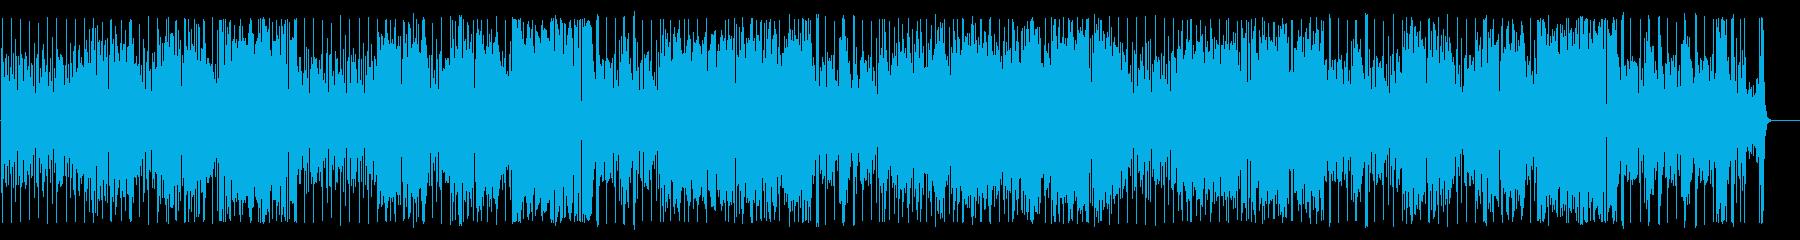 スラップベースとブラスでゴリゴリファンクの再生済みの波形